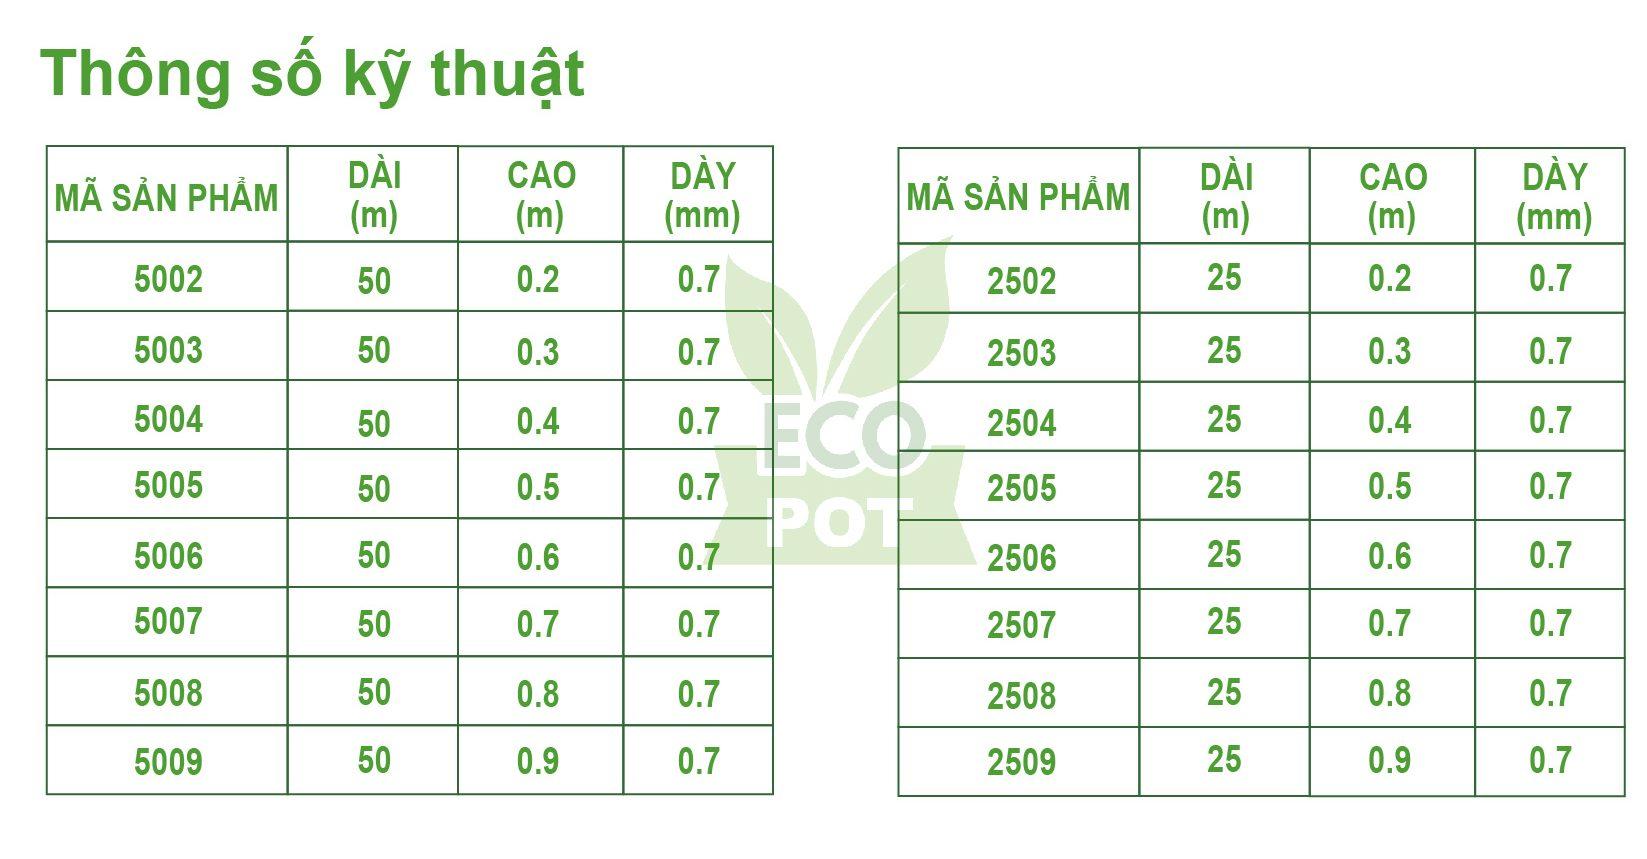 Thông số kỹ thuật của bầu ươm cây bằng nhựa cung cấp bởi Ecopot